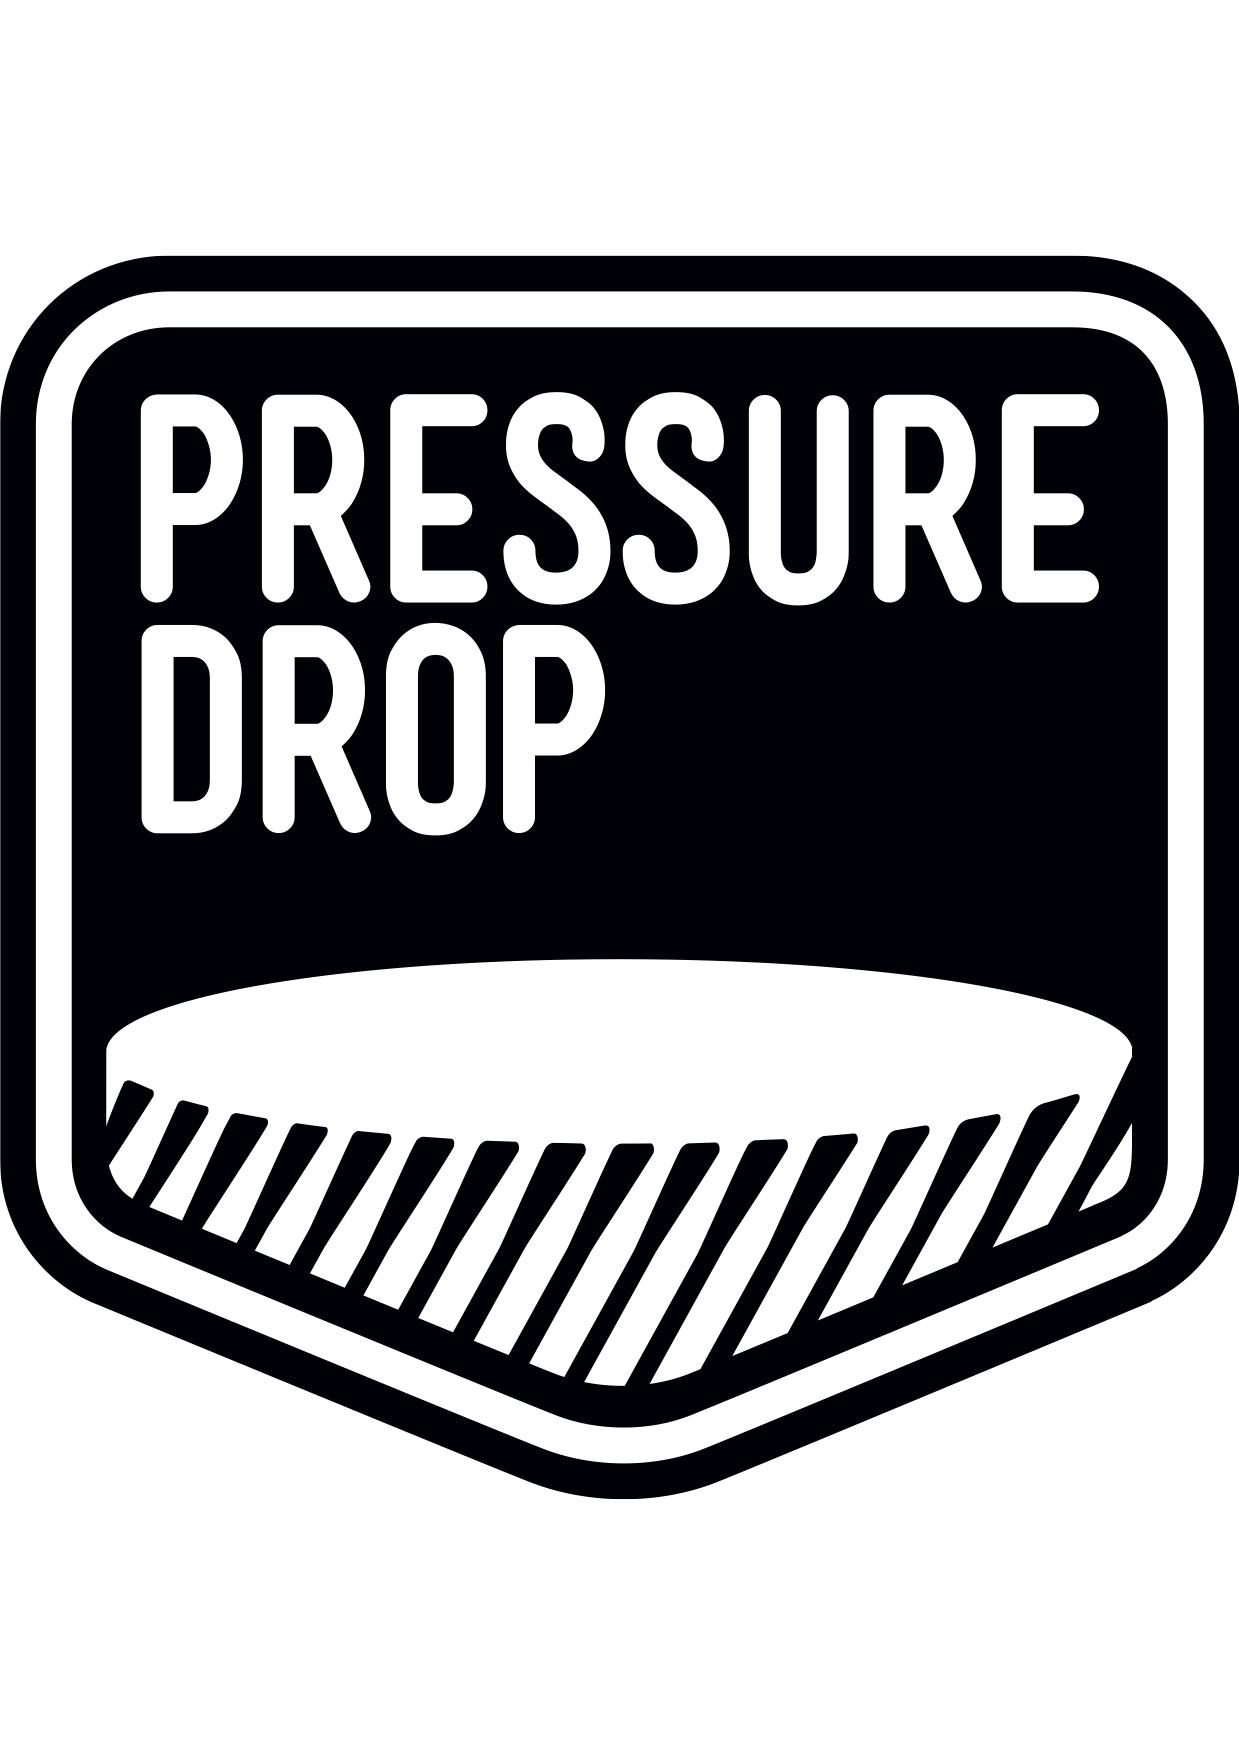 pressureDroplogoBlack.jpg